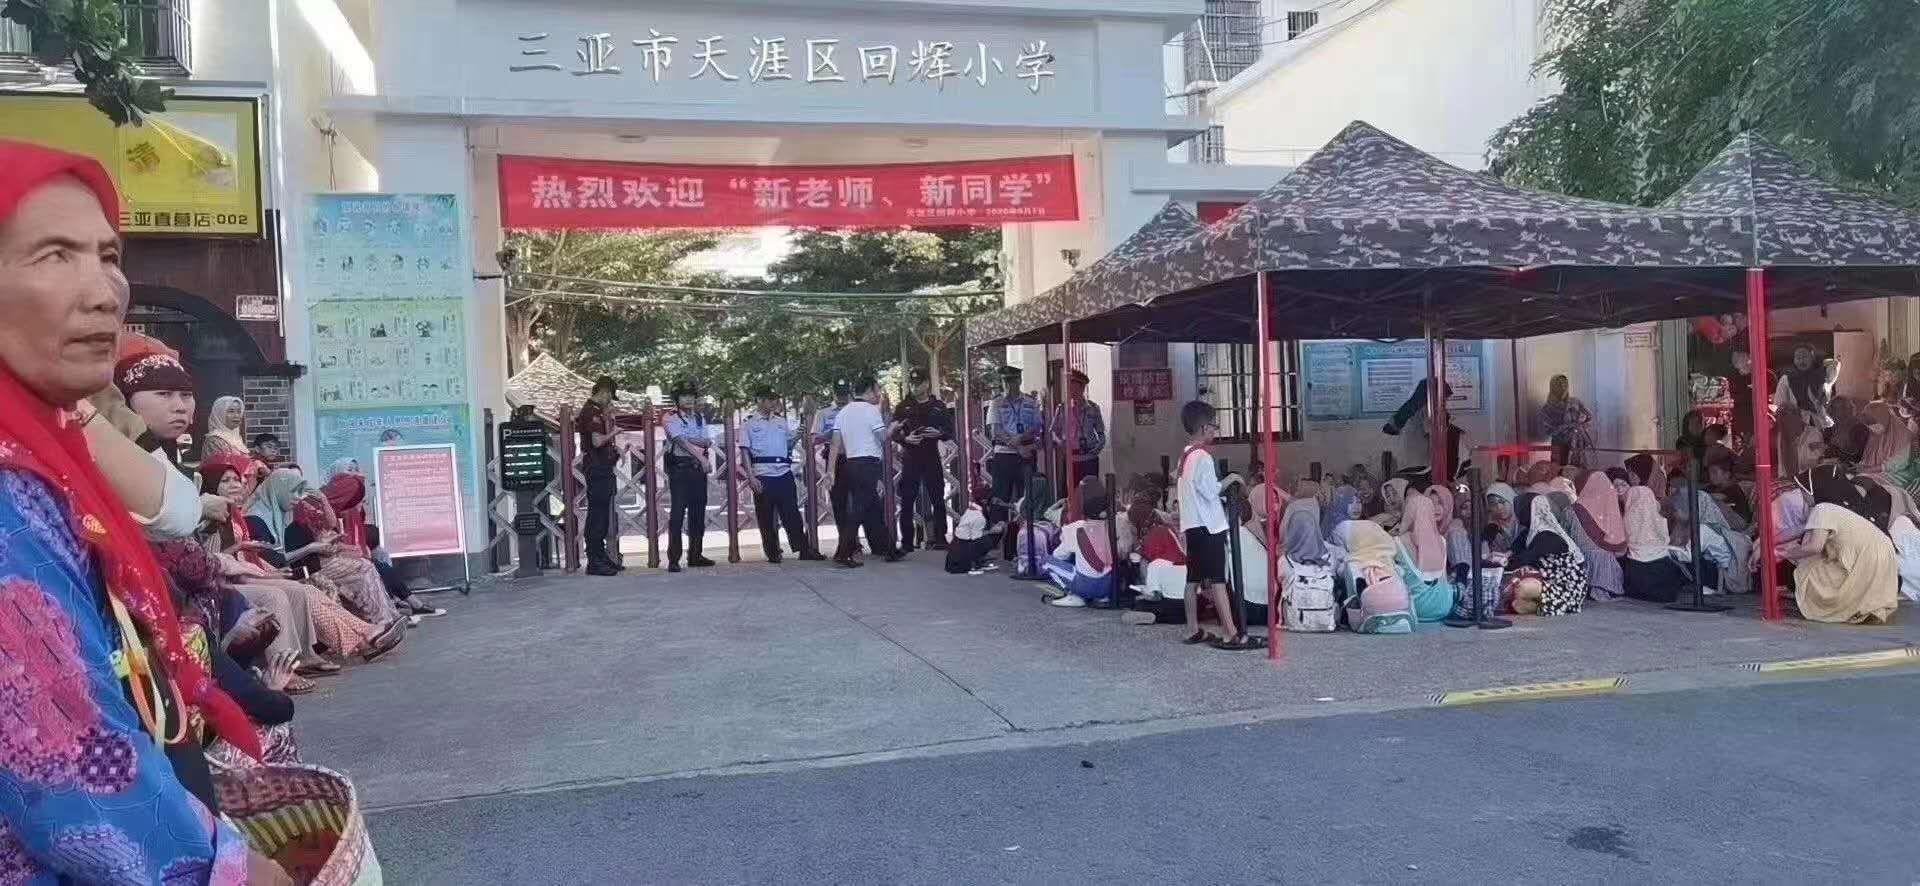 海南省三亚市回辉小学门口,回辉女学生戴头巾坐在地上。(推特图片/乔龙提供)